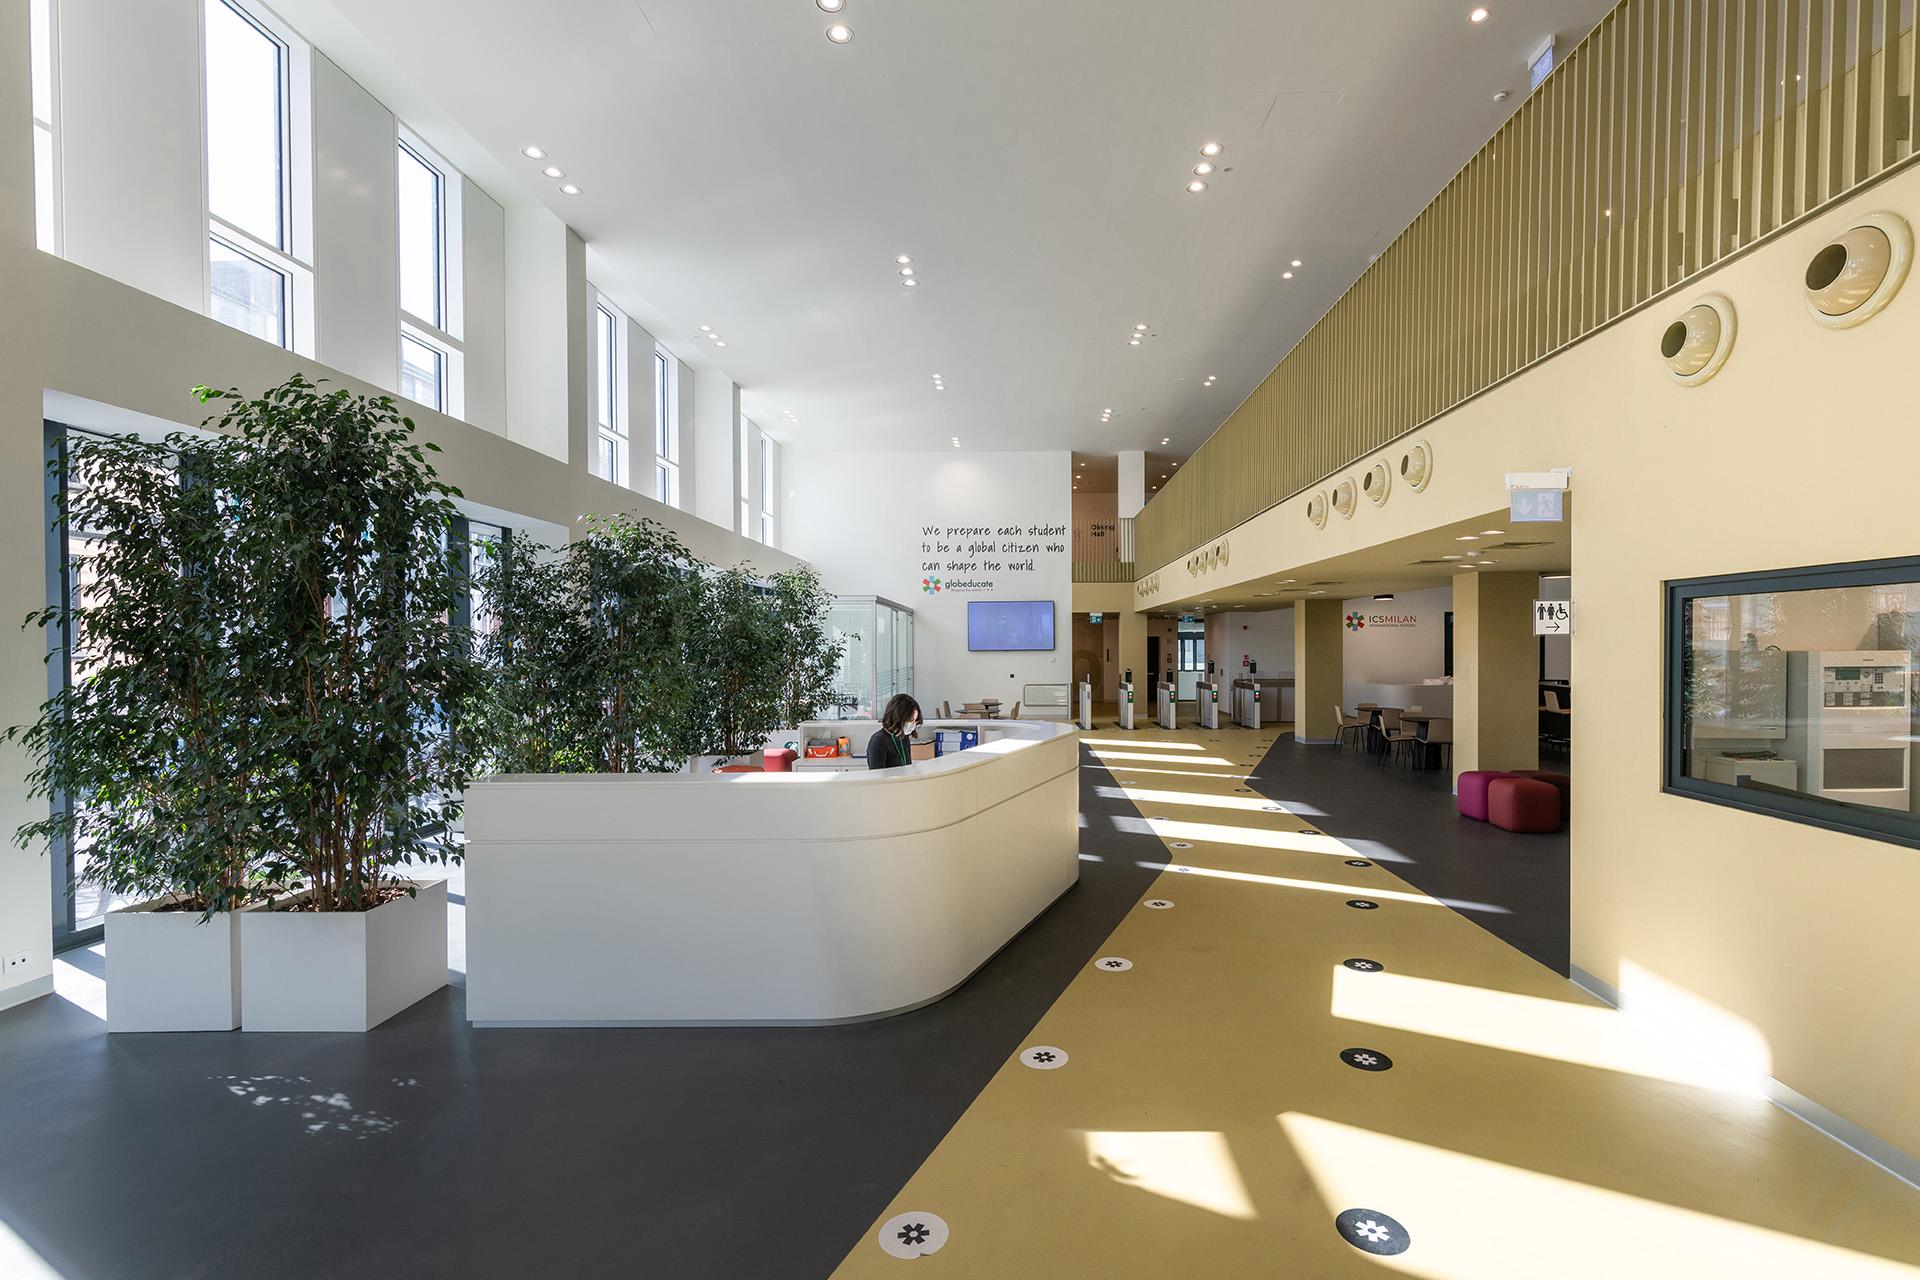 ICS School SCE Projet Barreca La Varra Milano